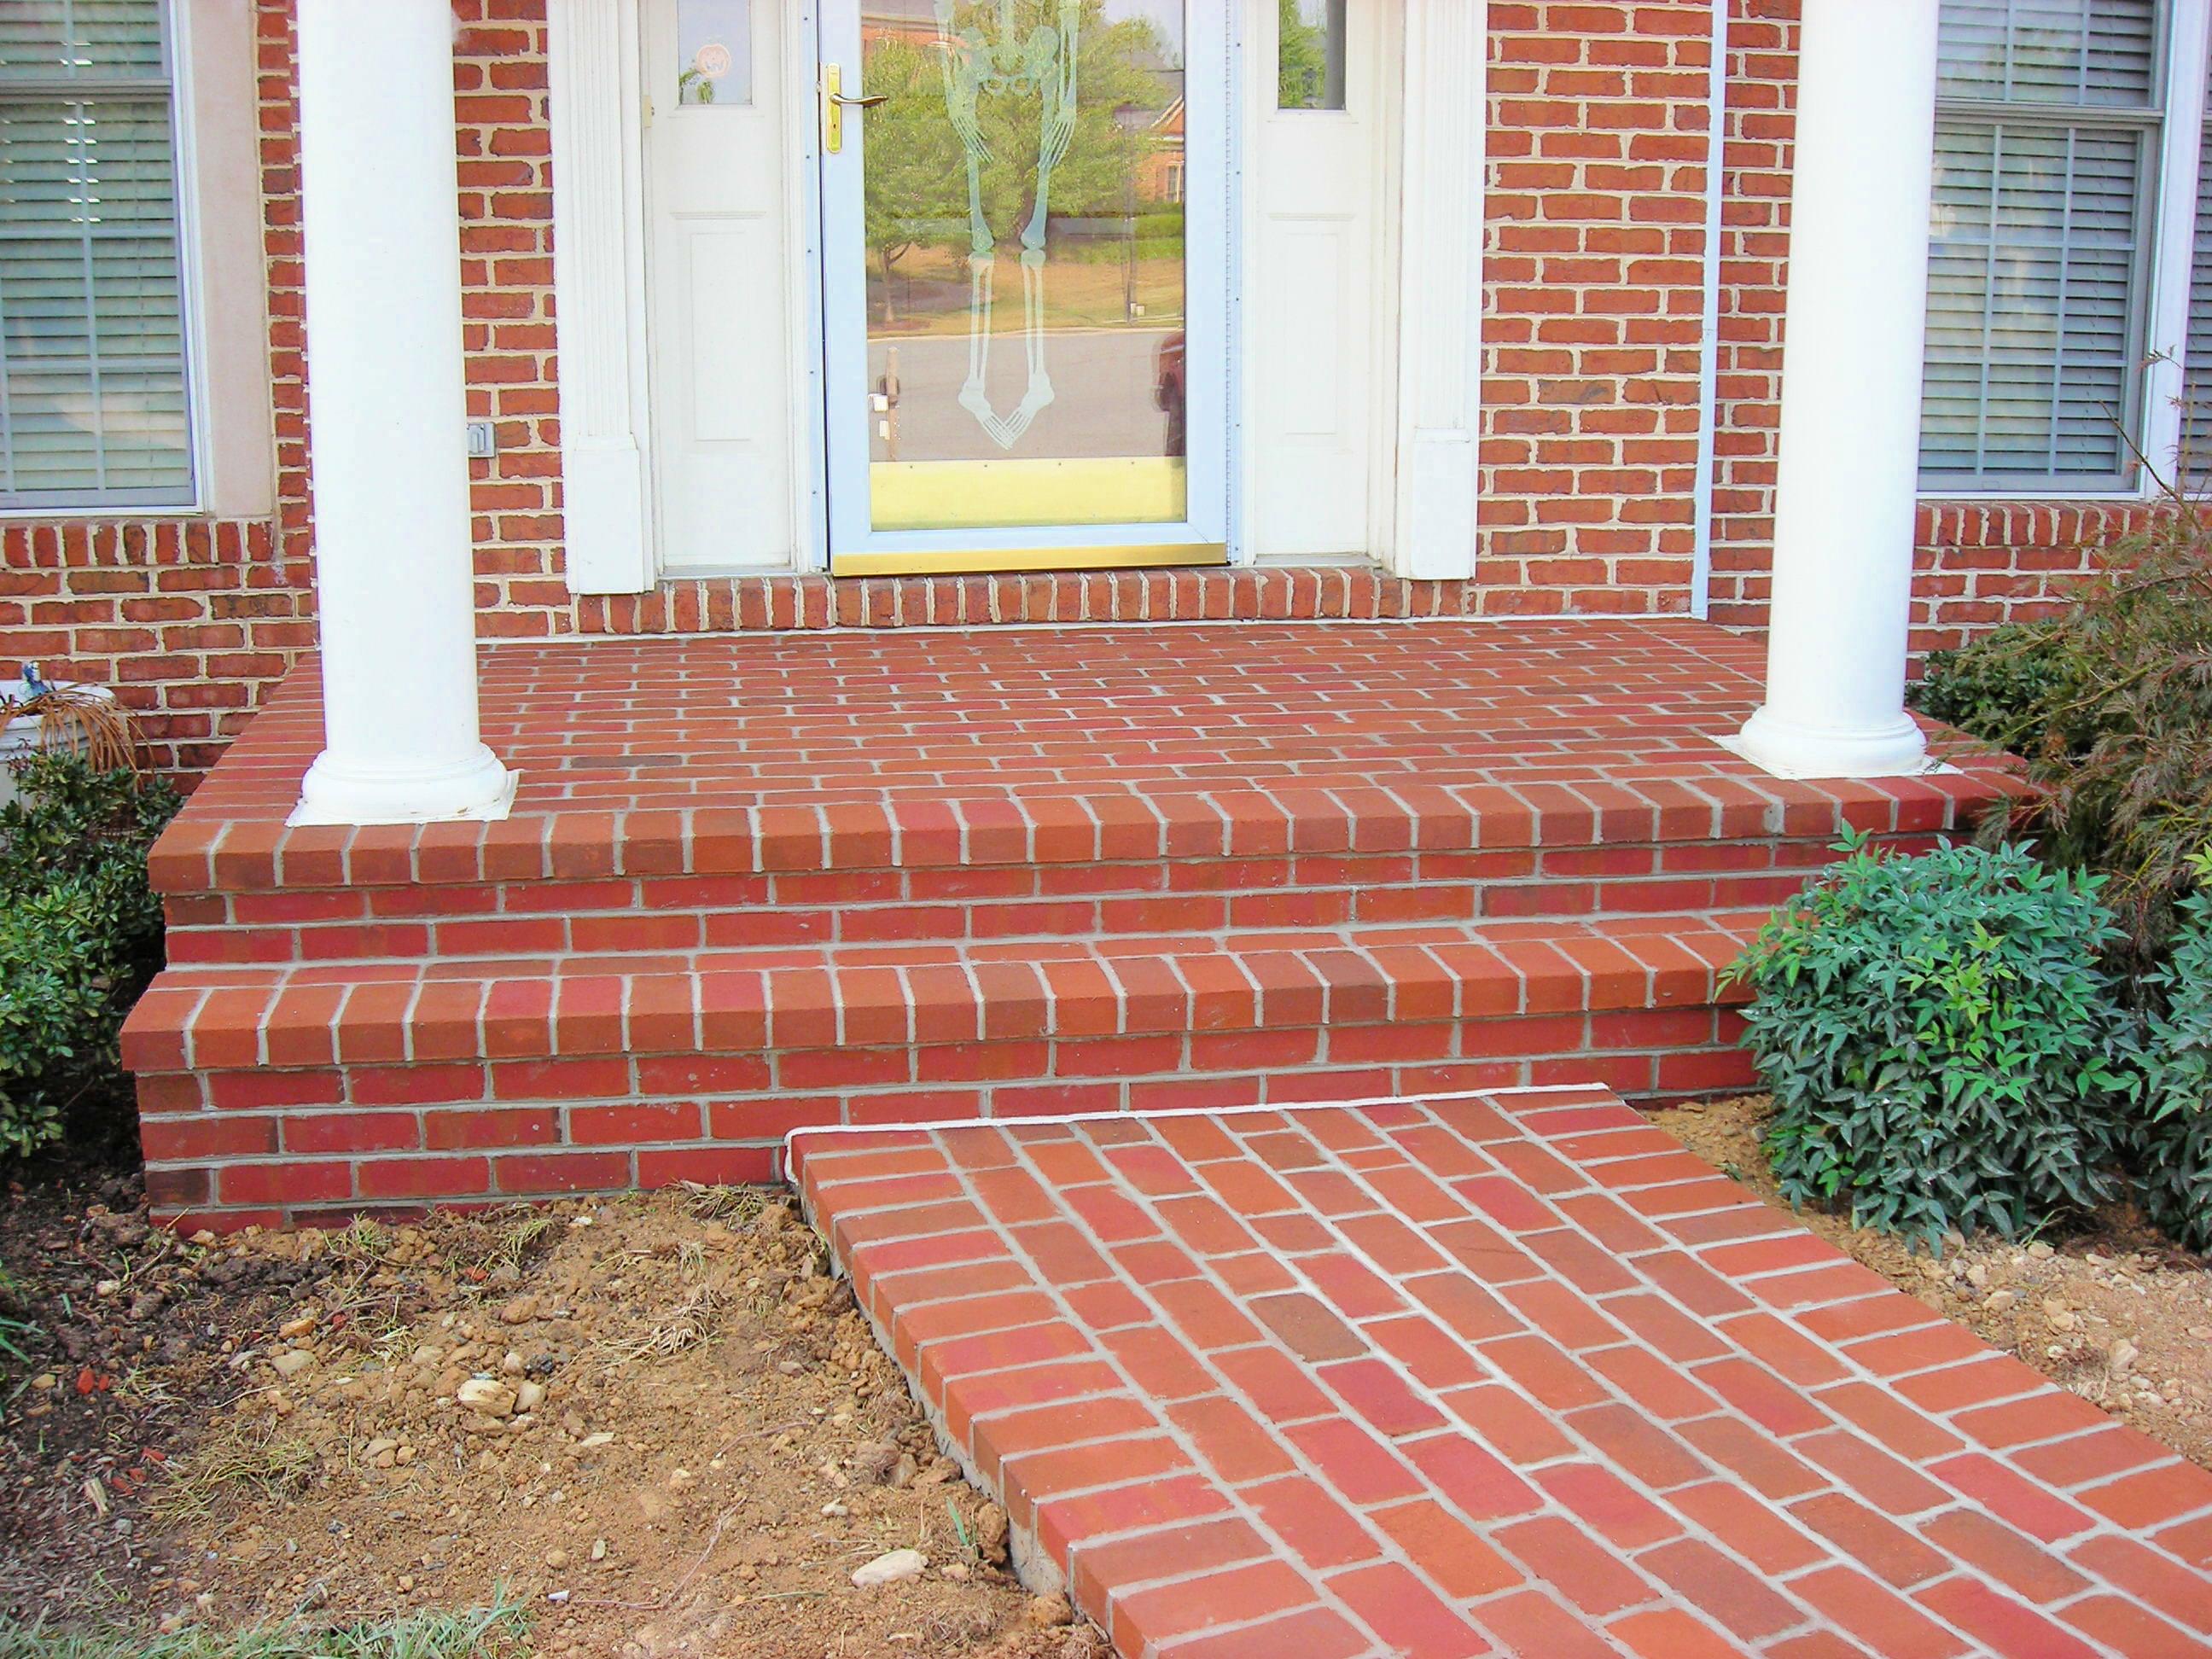 Pavement - Brick